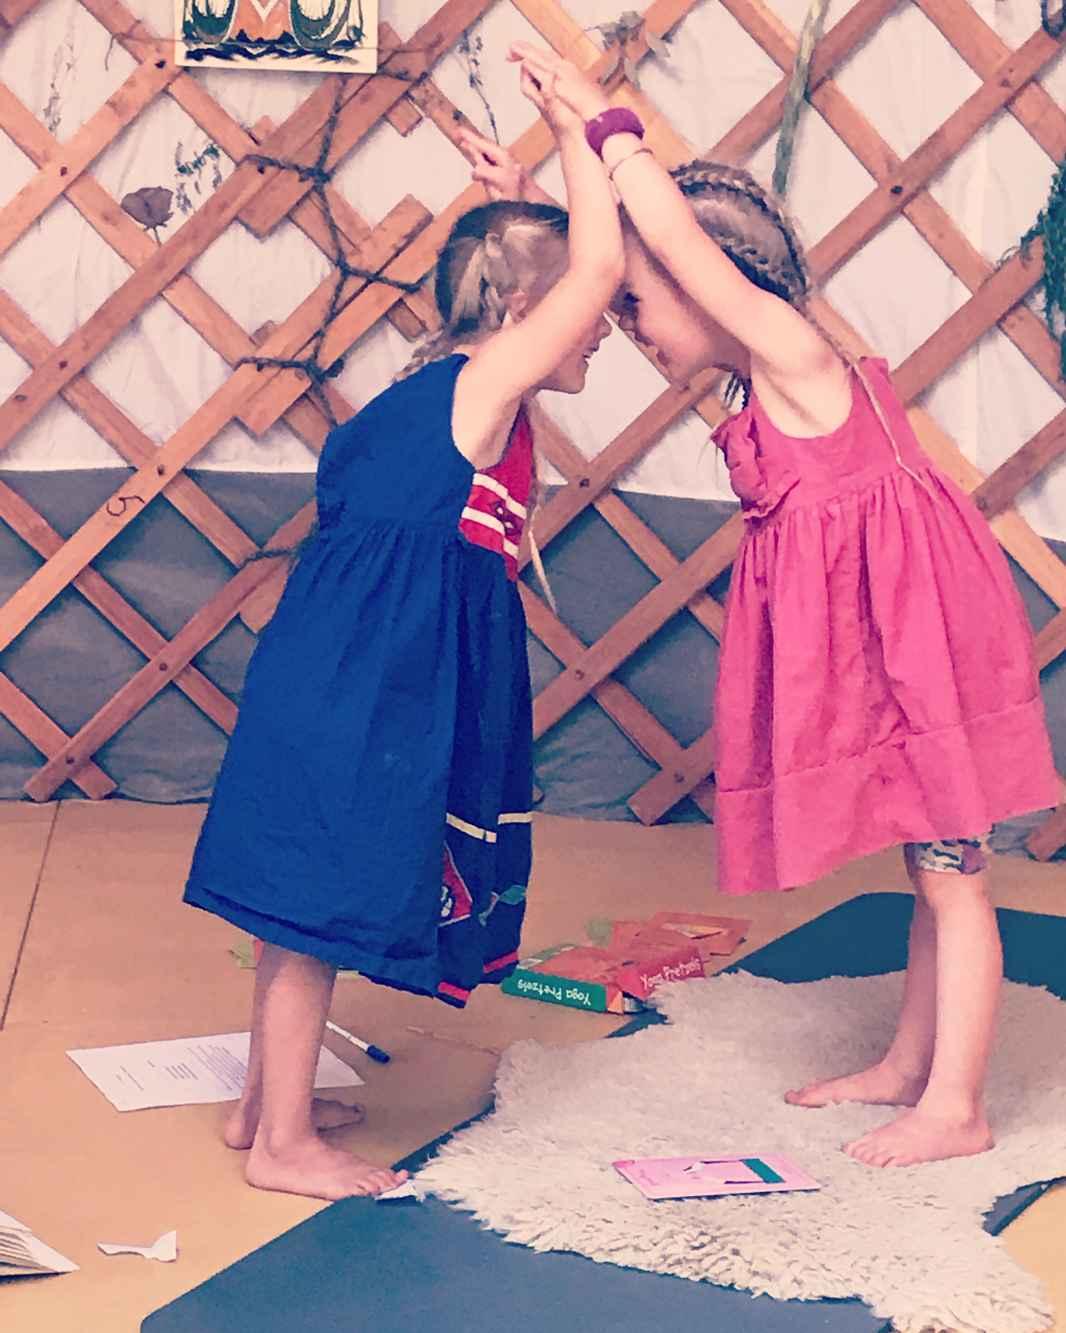 twins in yurt